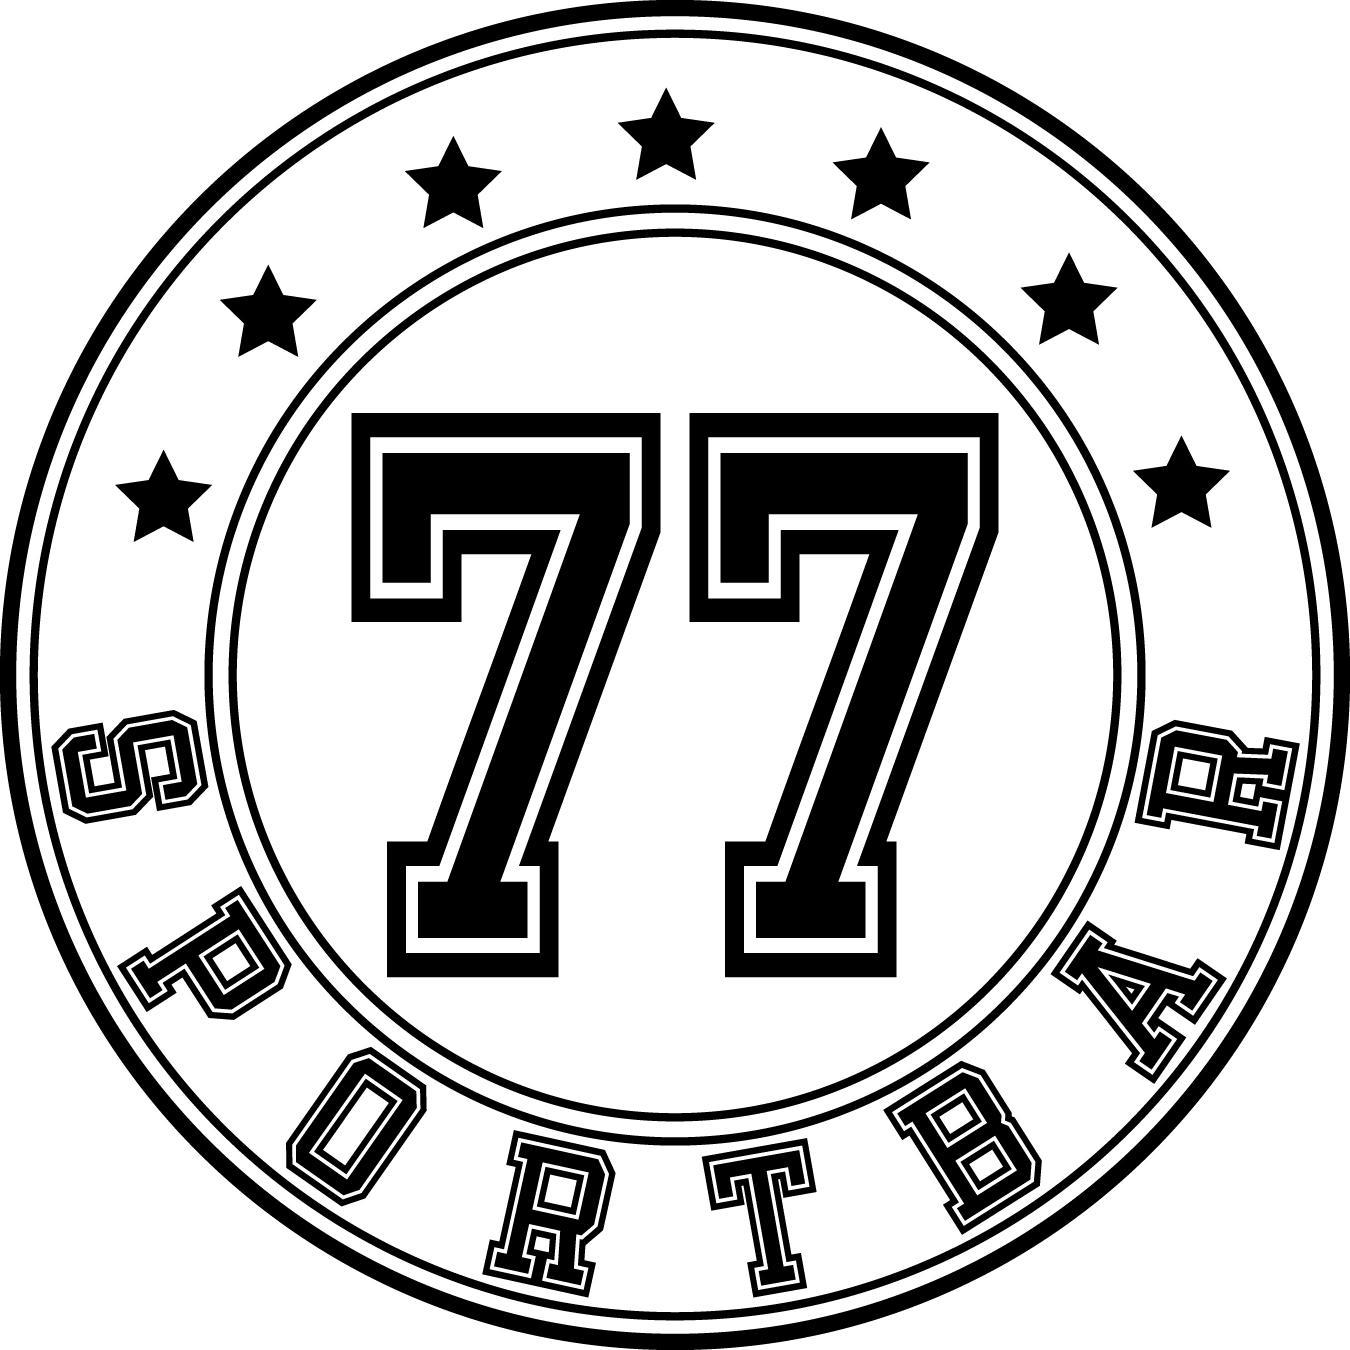 77 Sportbar